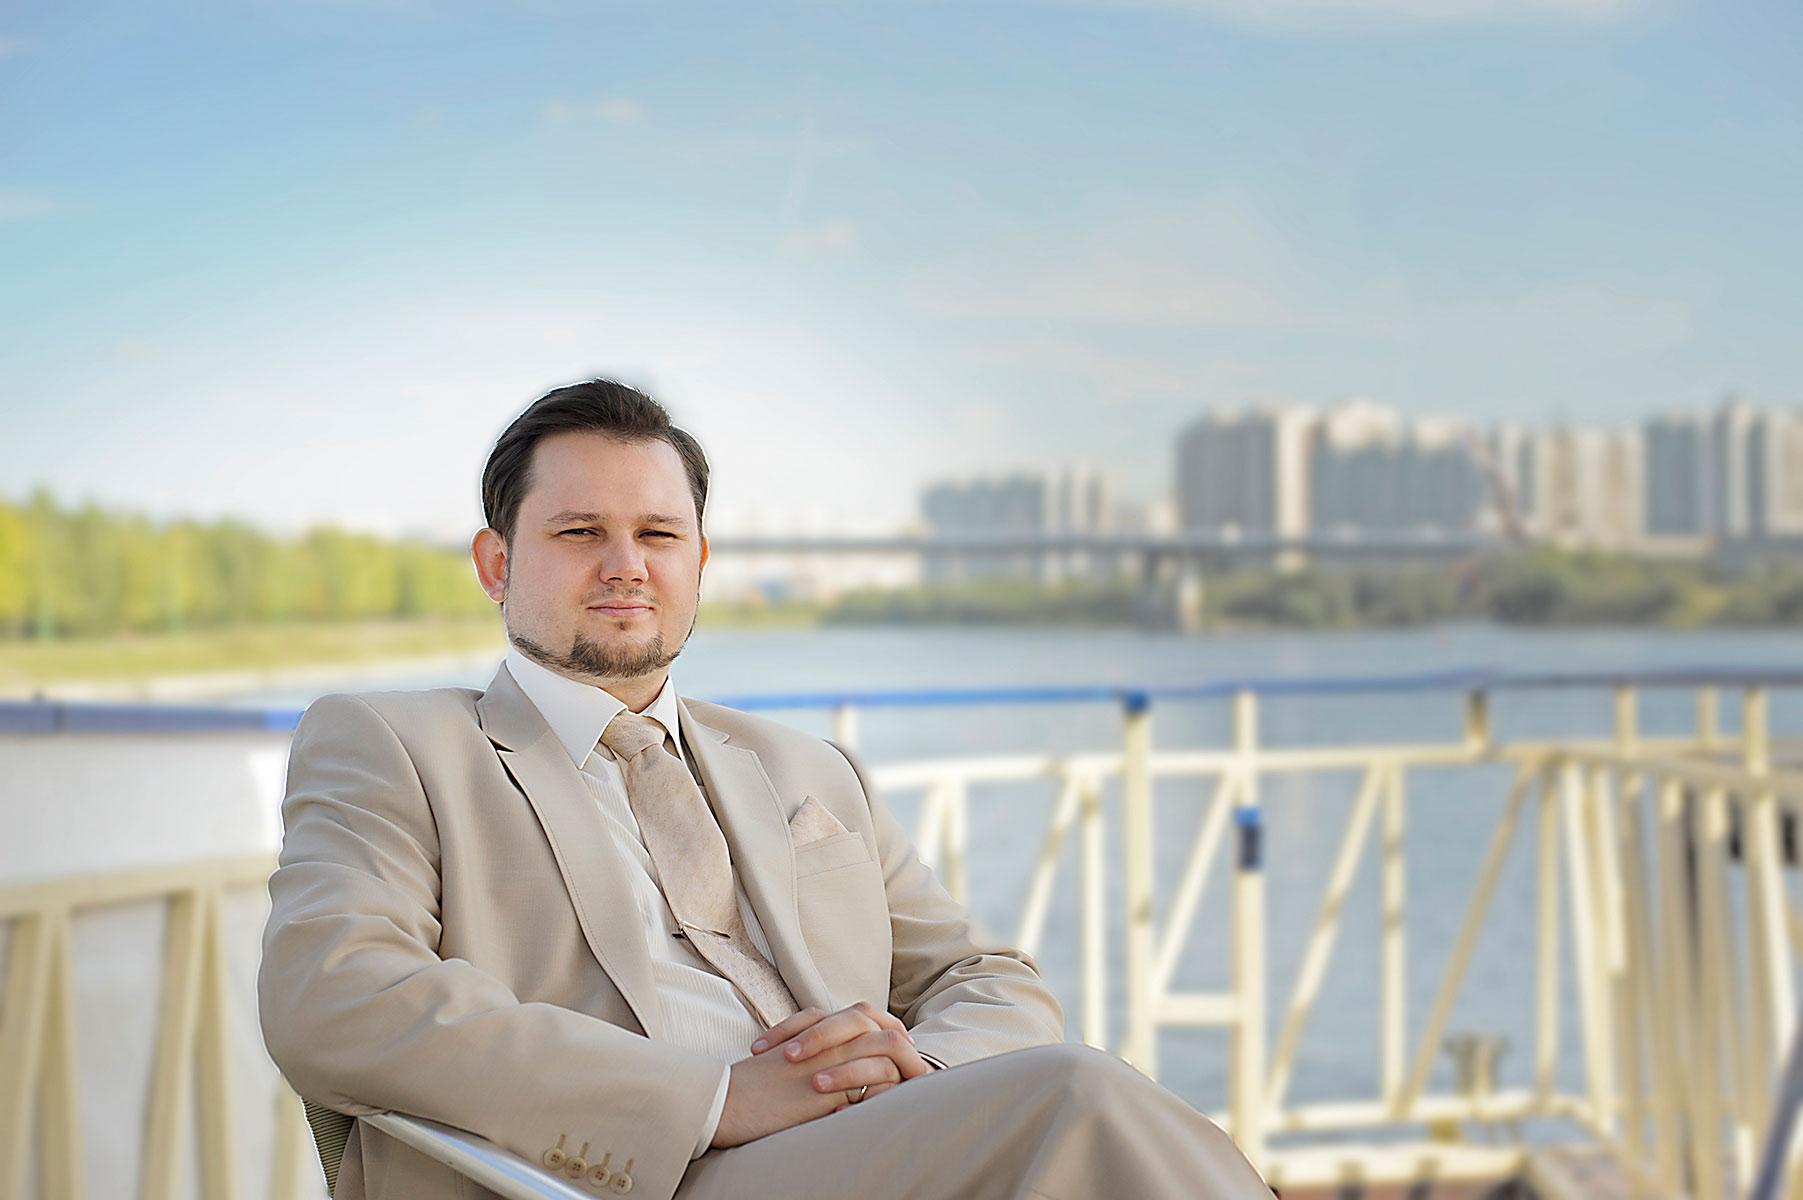 Андрей Кузнецов Большие цели, Достаток, Предназначение — согласовать и достичь!